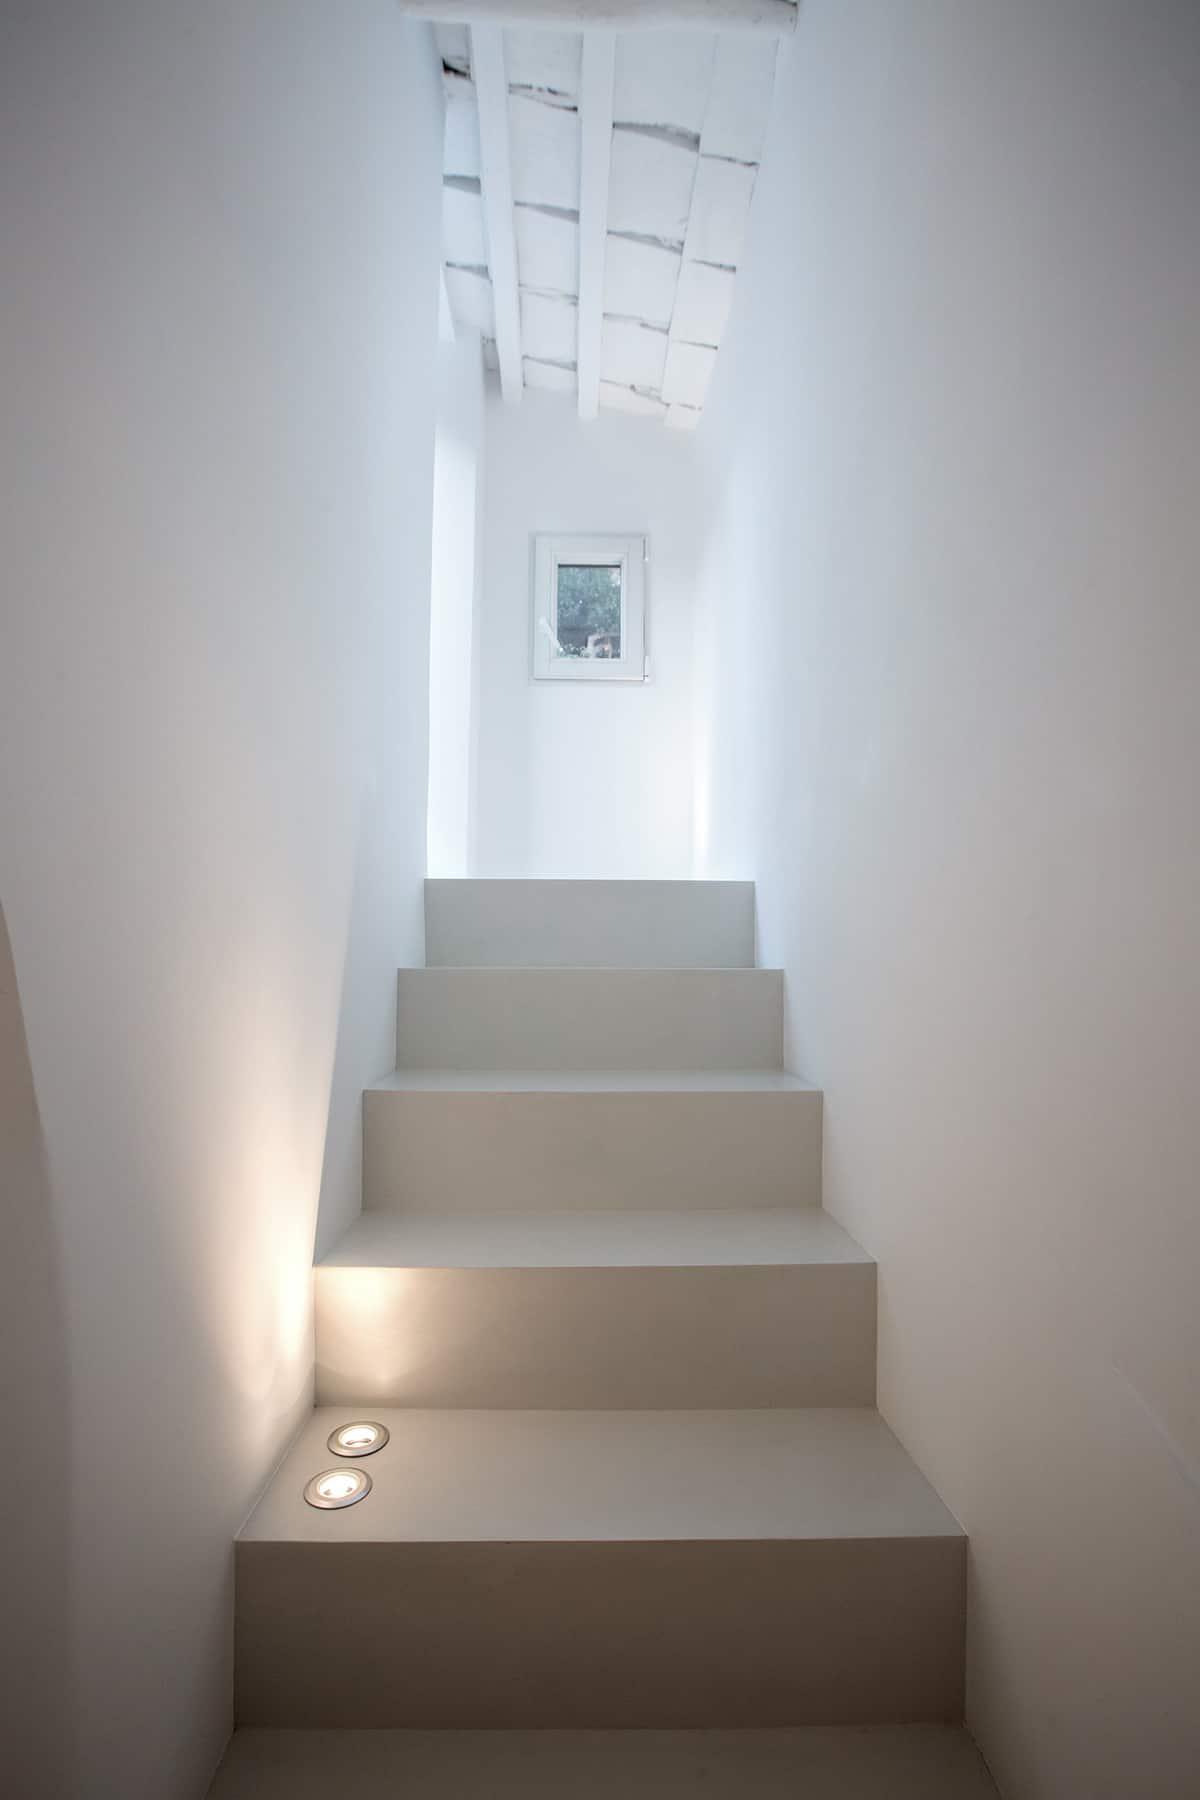 suvremeni-stan-stubište